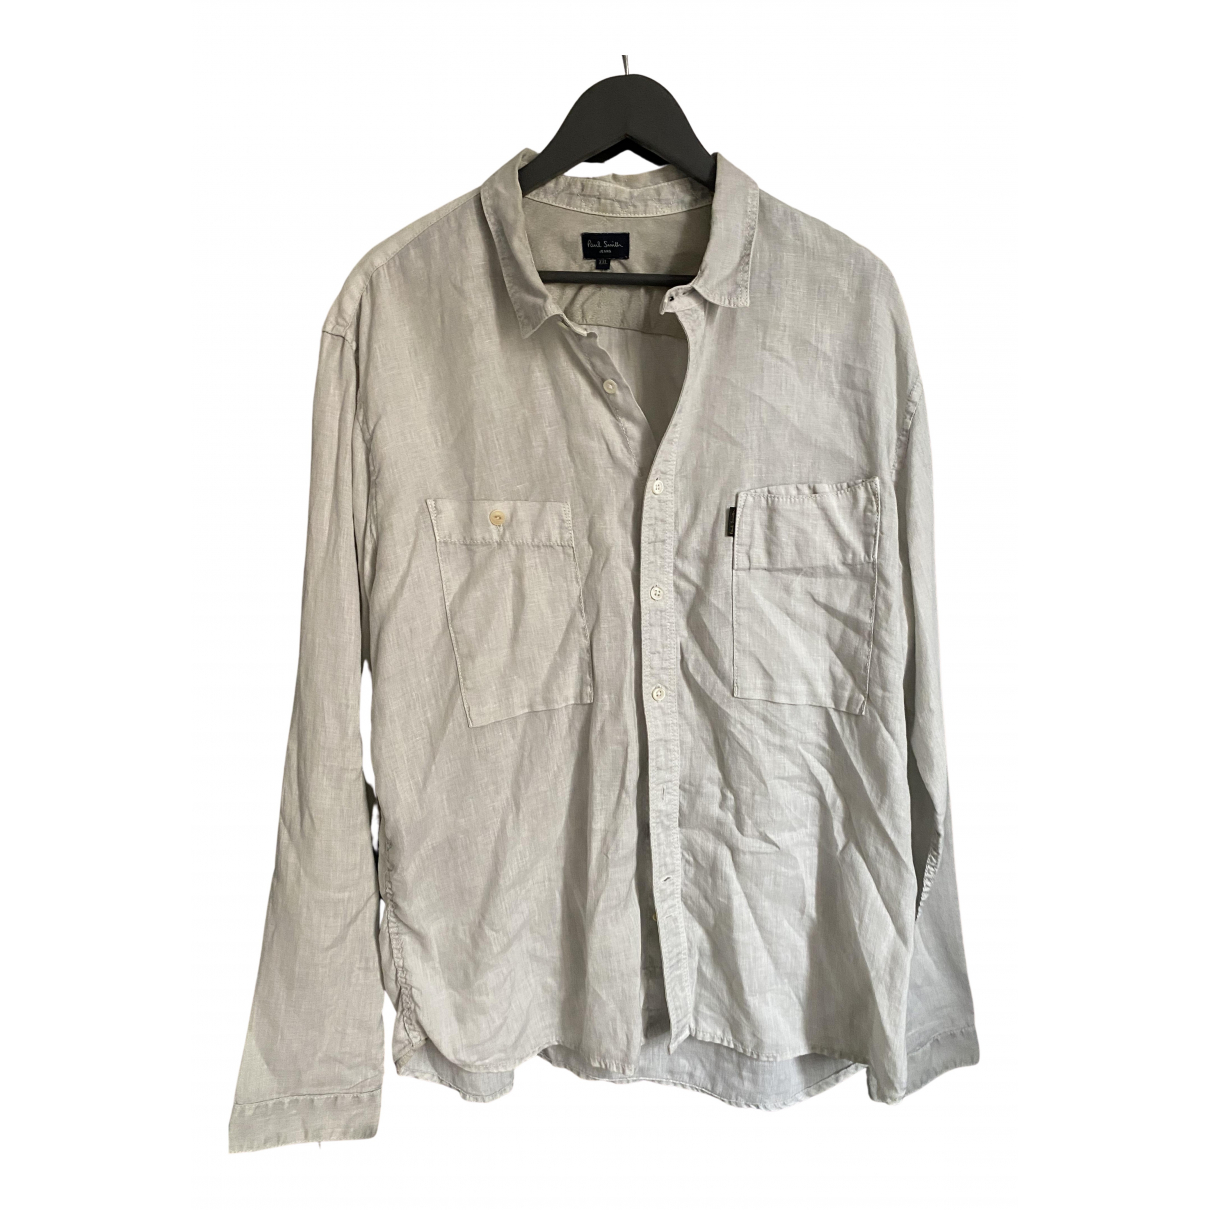 Paul Smith - Chemises   pour homme en lin - ecru